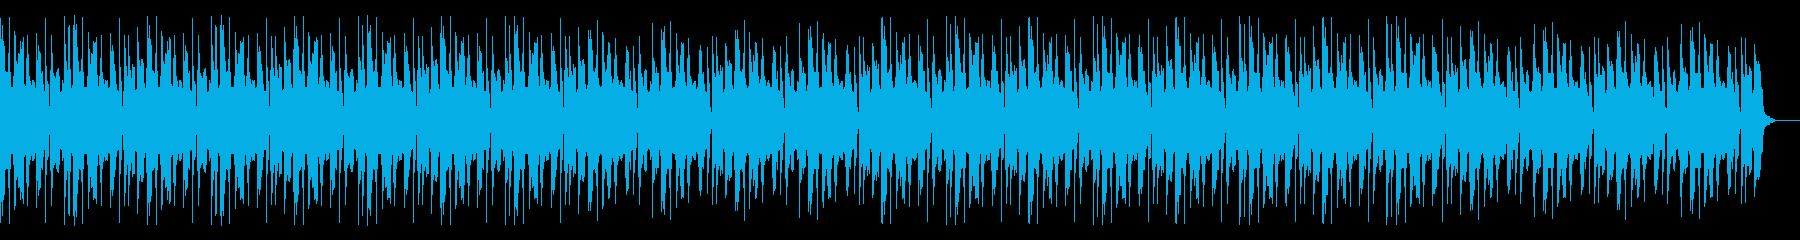 休日リラックスチルアウト・YouTubeの再生済みの波形